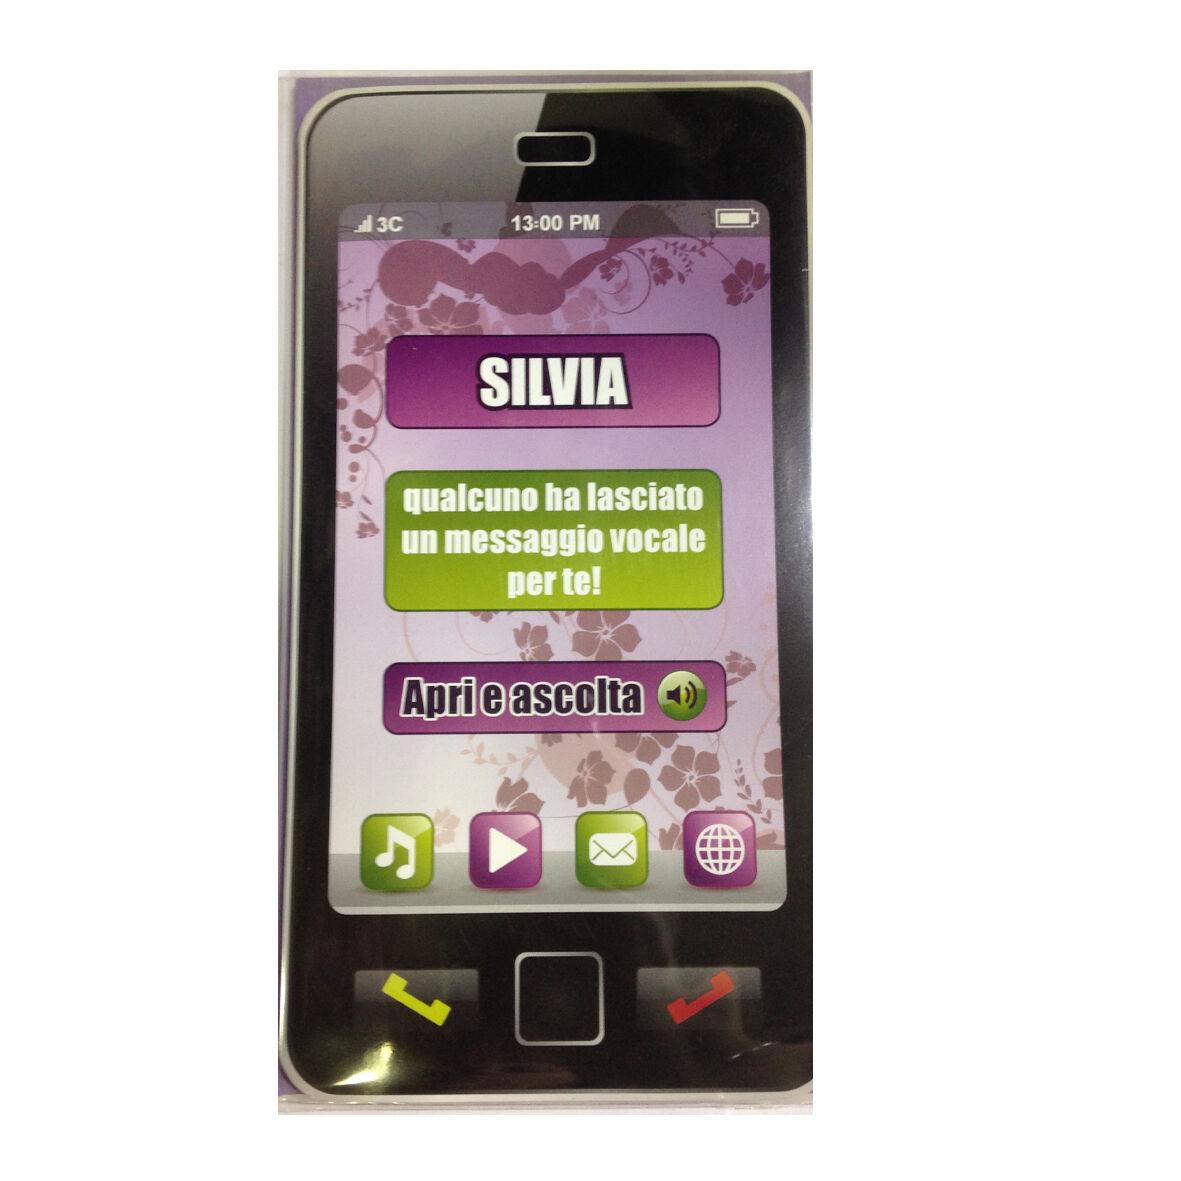 COMPLEANNO biglietto musicale a telefono squilla segreteria nome SILVIA